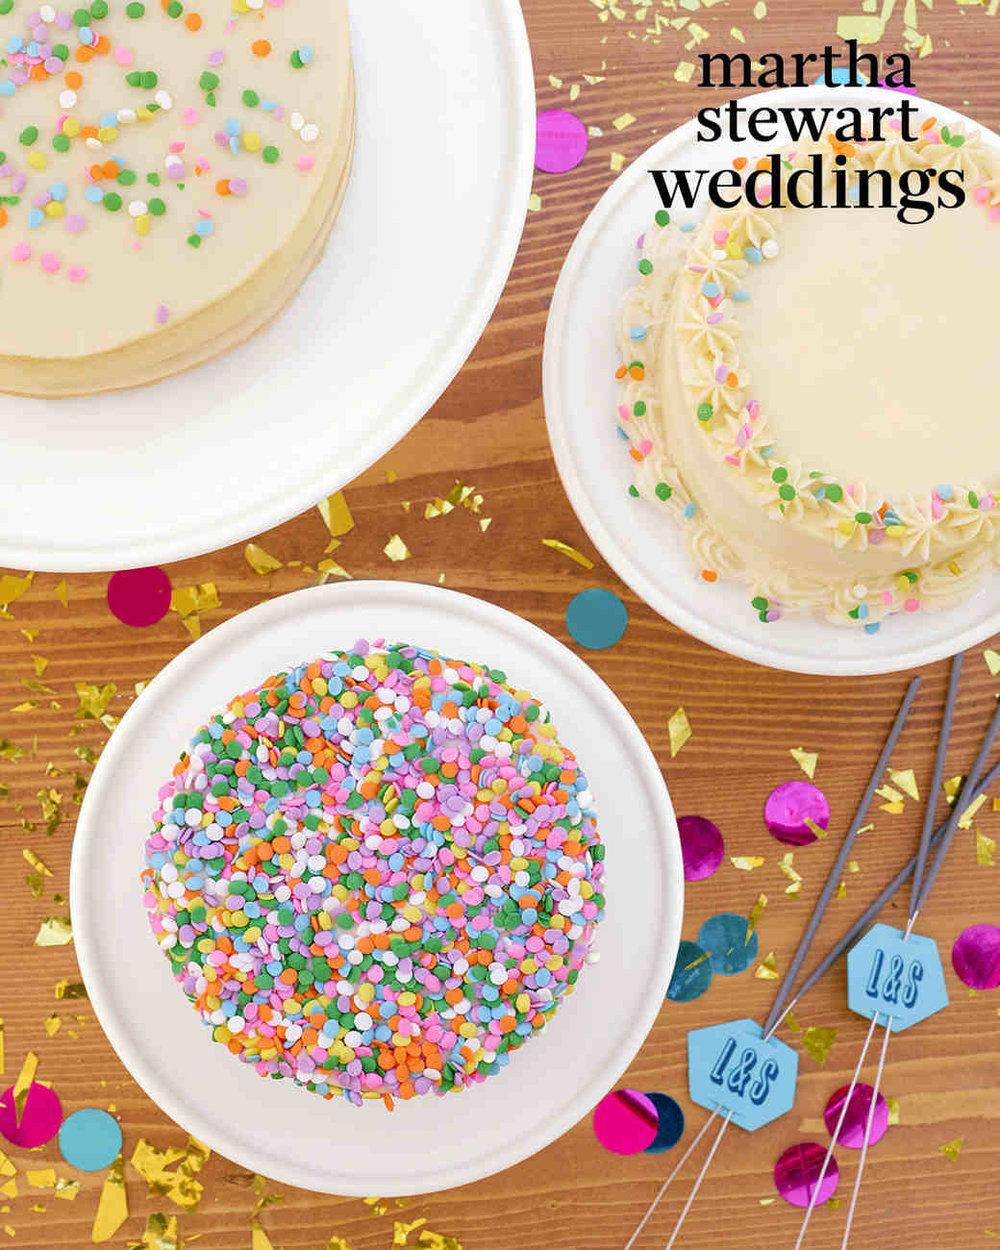 samira-wiley-lauren-morelli-wedding-cakes-103016850_vert.jpg